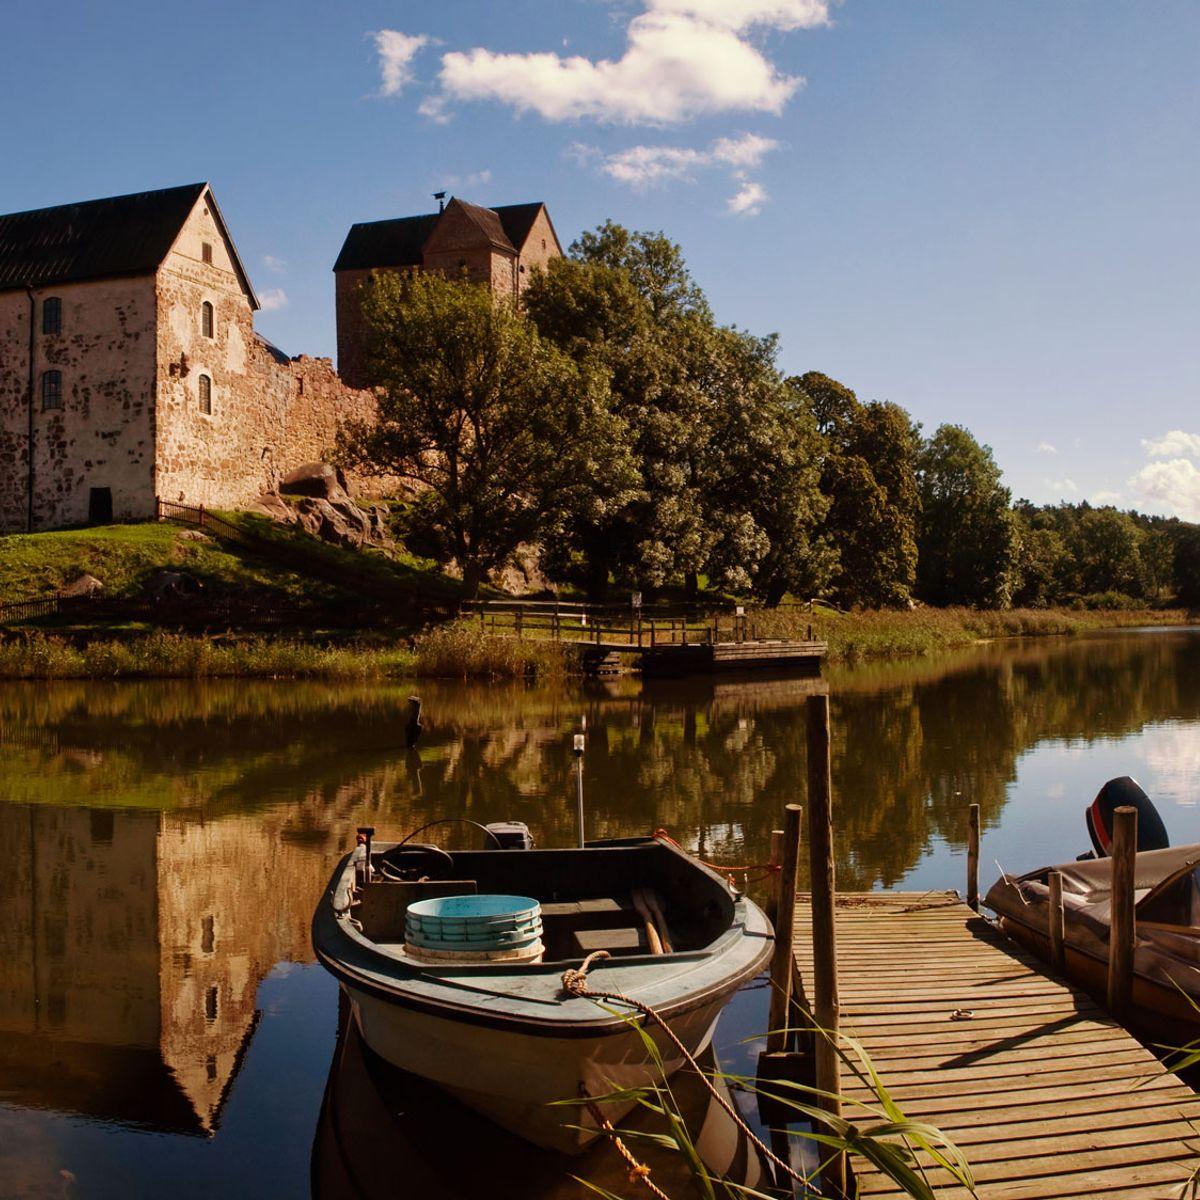 Pildiotsingu kastelholm castle tulemus